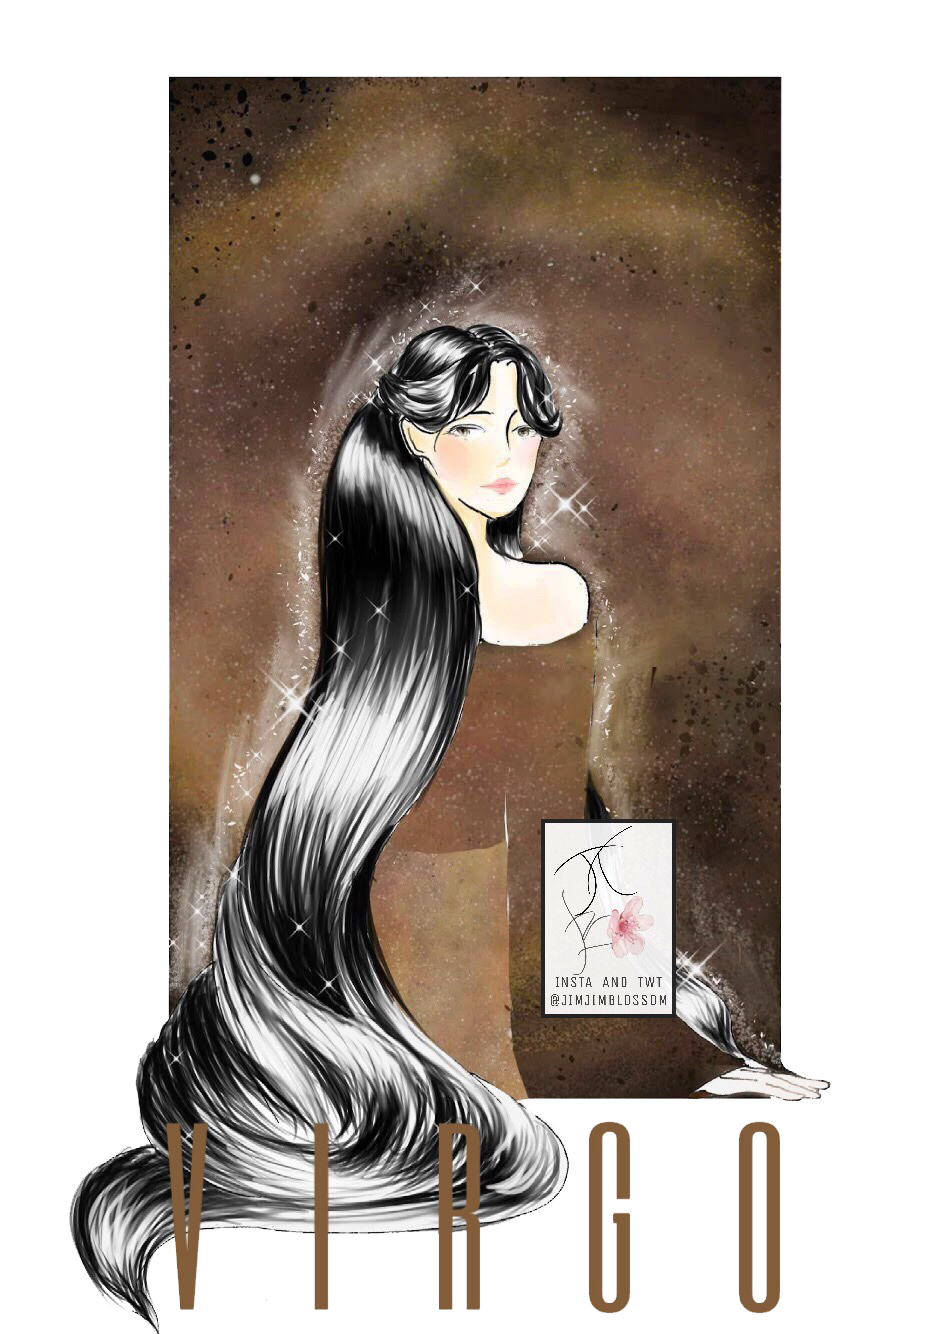 Cung hoàng đạo Xử Nữ với hình ảnh cô gái tóc dài